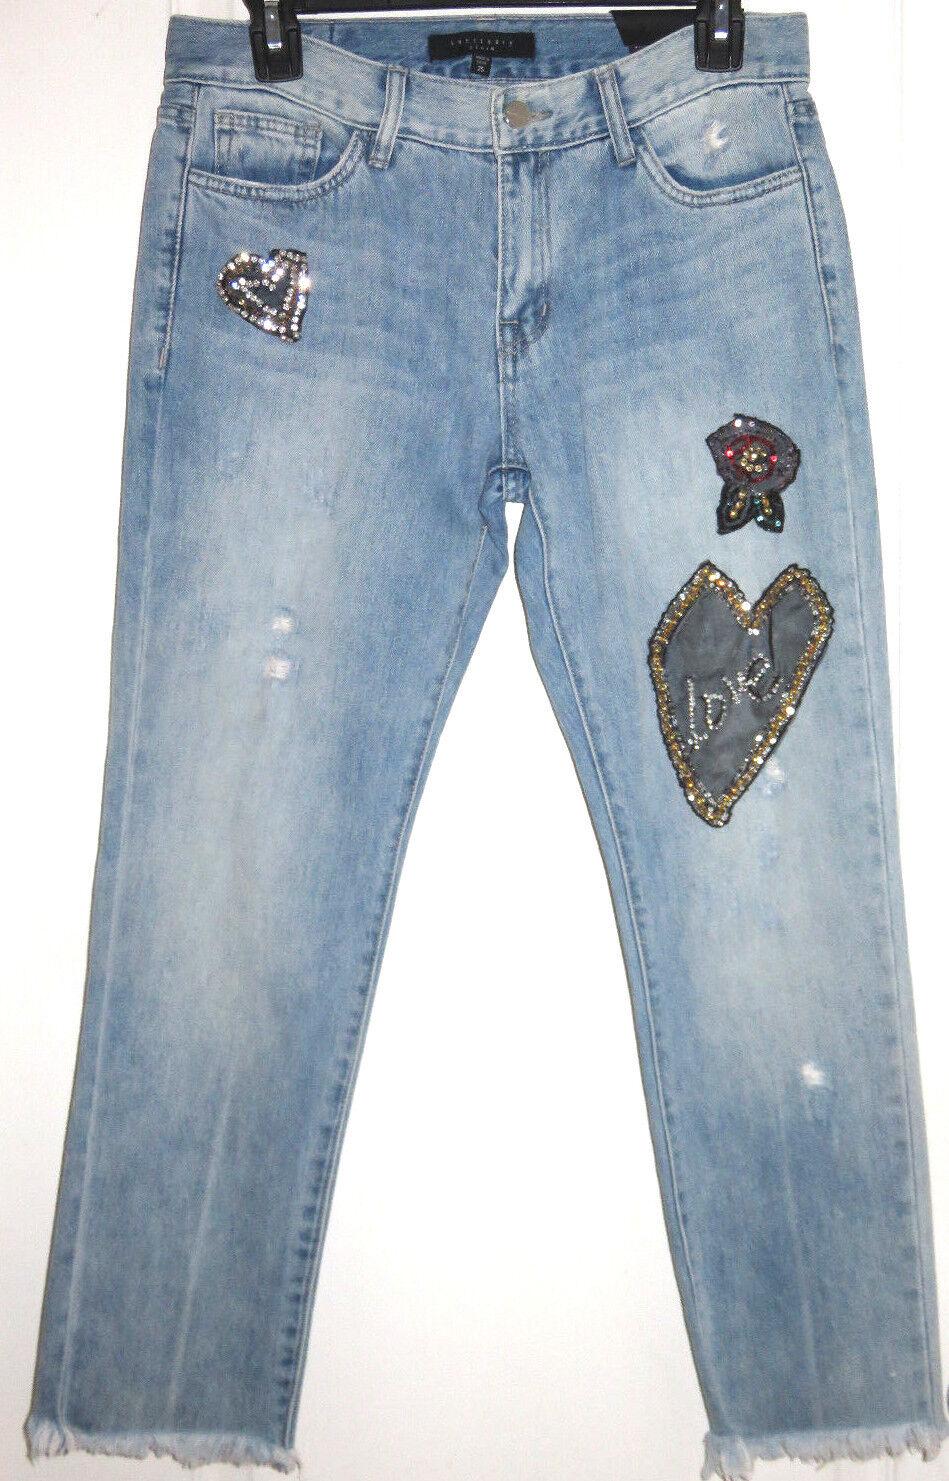 Sanctuary Women's Heart Breaker Destroyed Boyfriend Denim Jeans Size 25 NEW  129